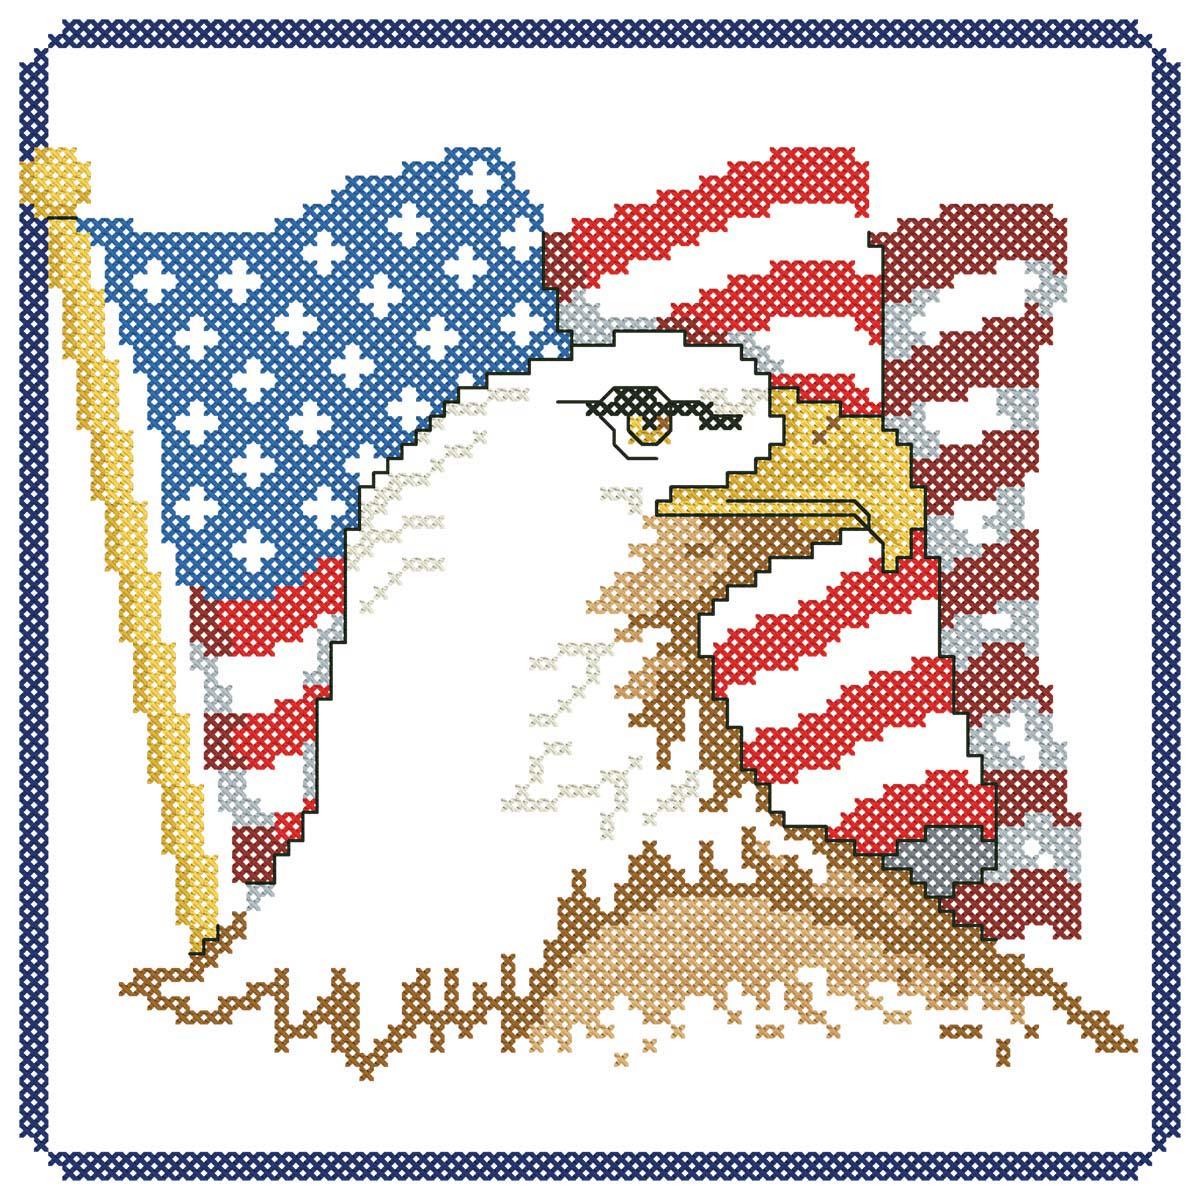 Herrschners® Patriotic Pride Quilt Blocks Stamped Cross-Stitch